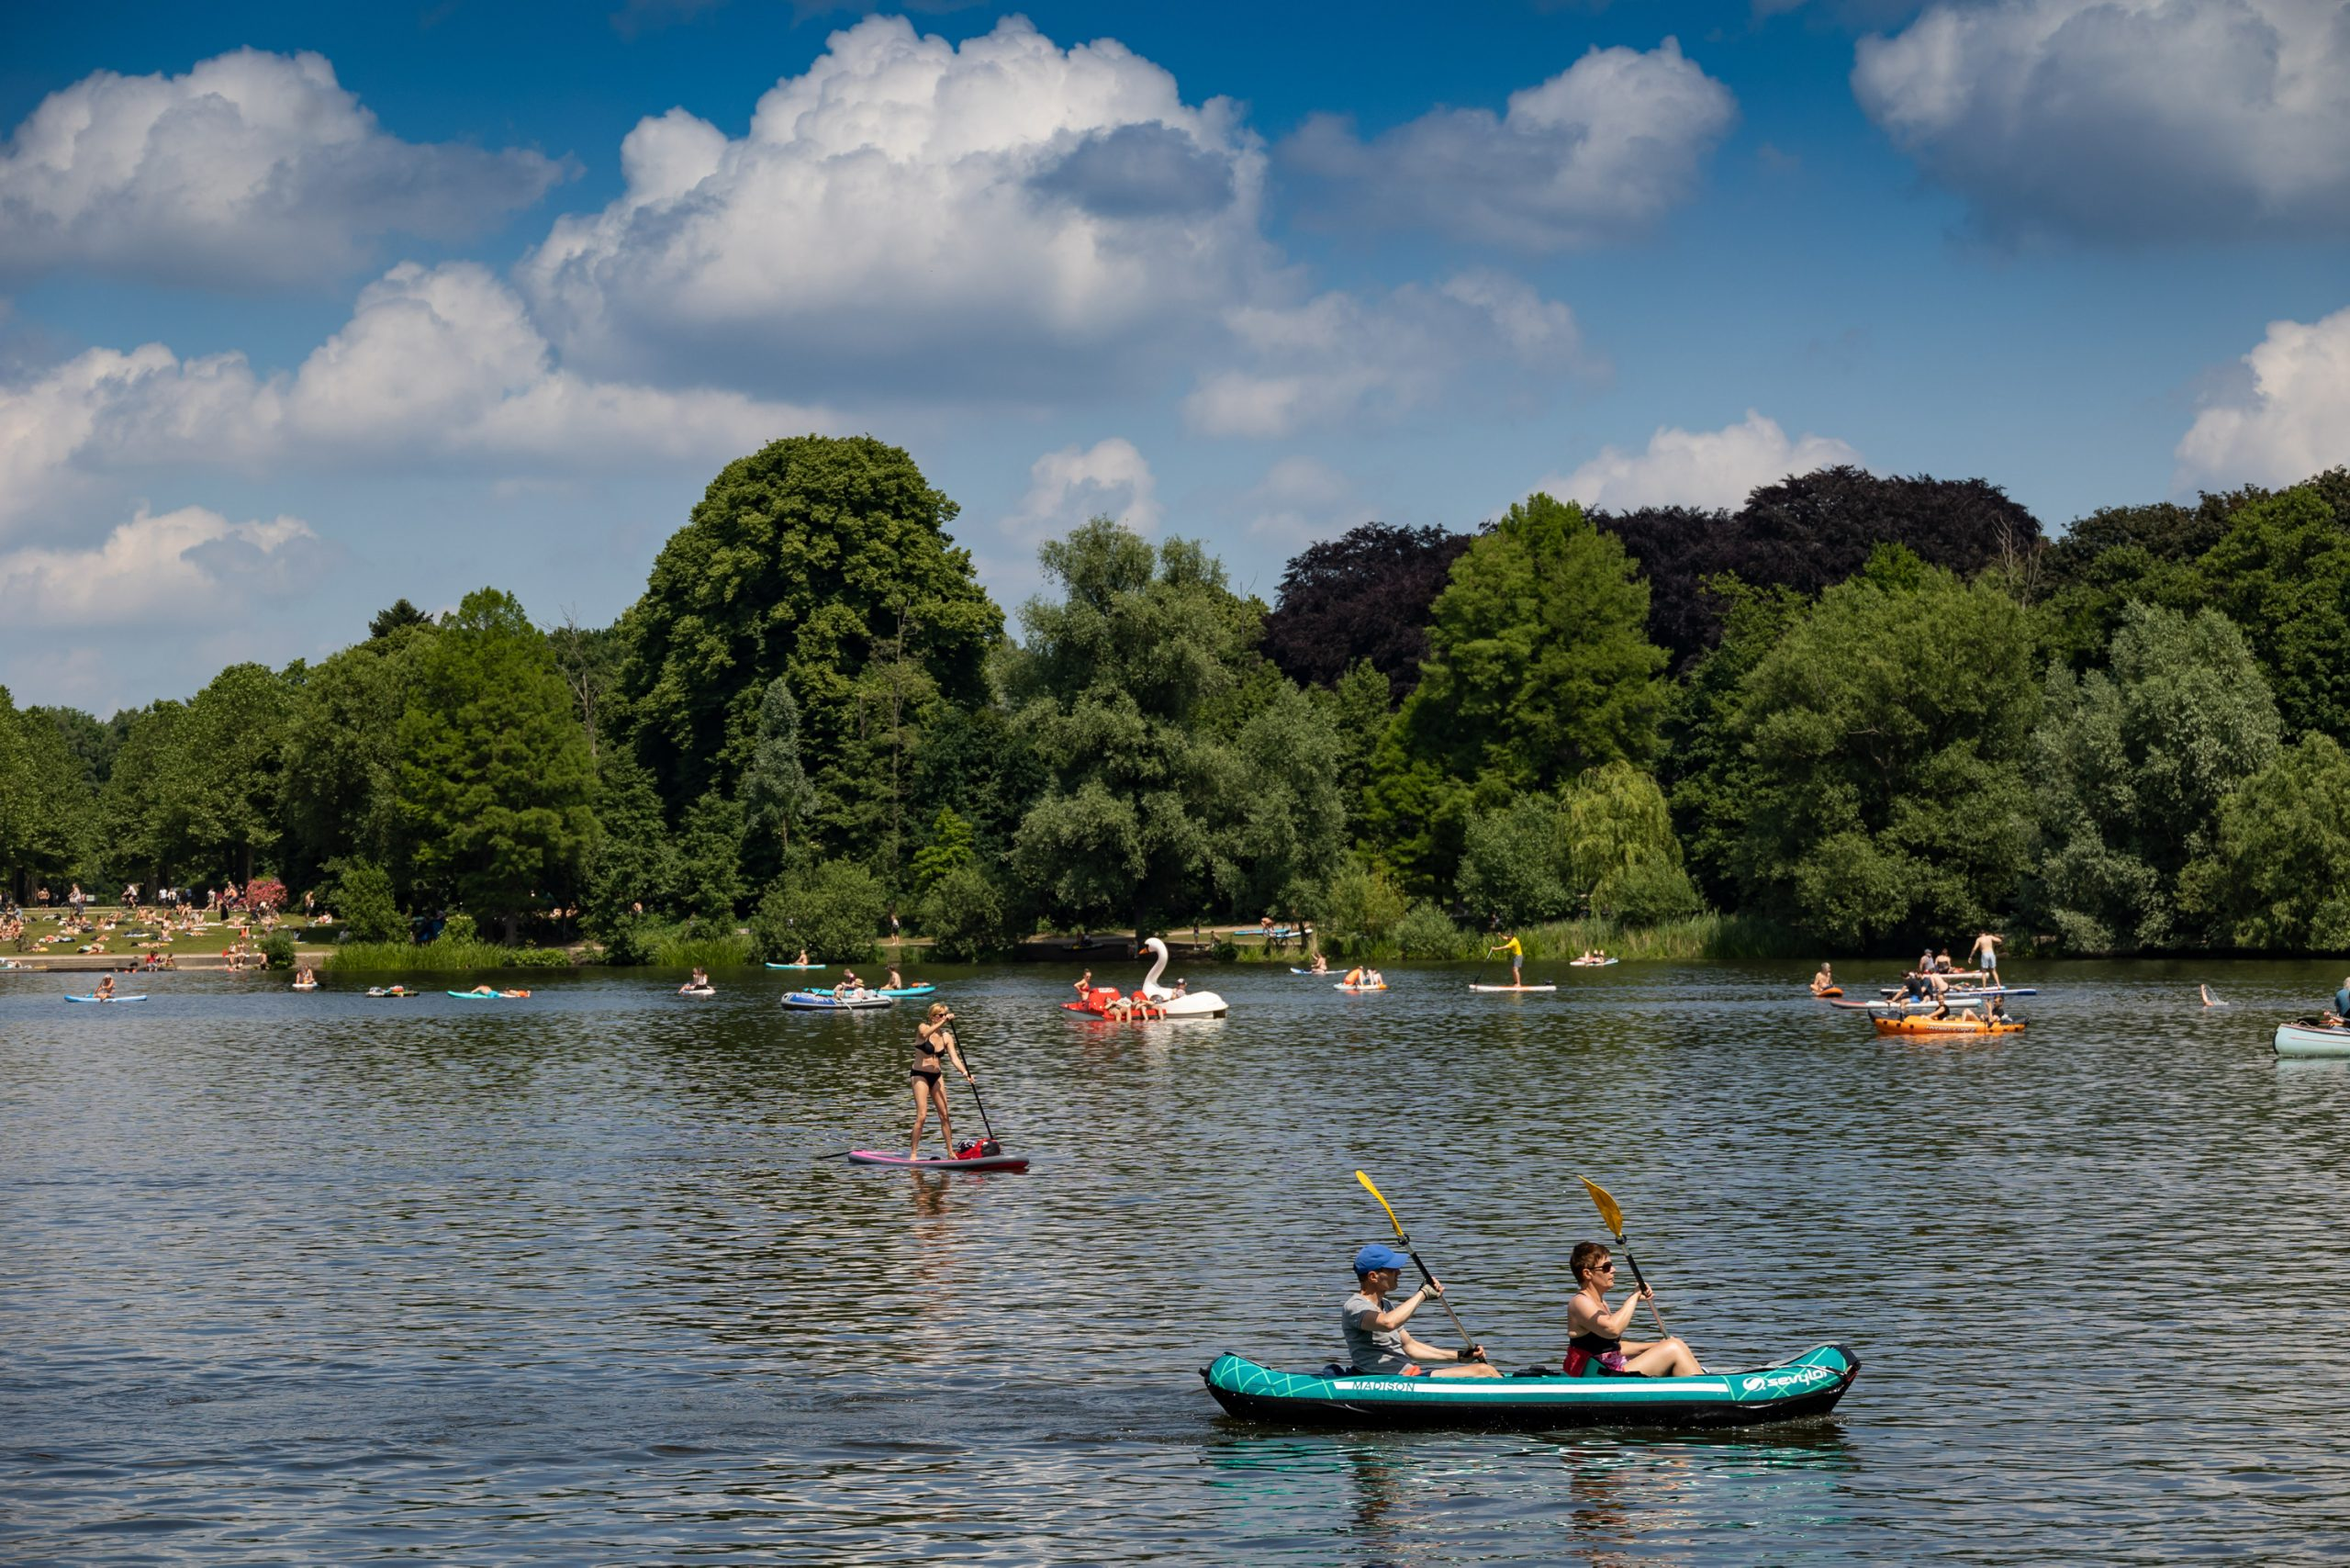 Sommer-Wetter Stadtpark